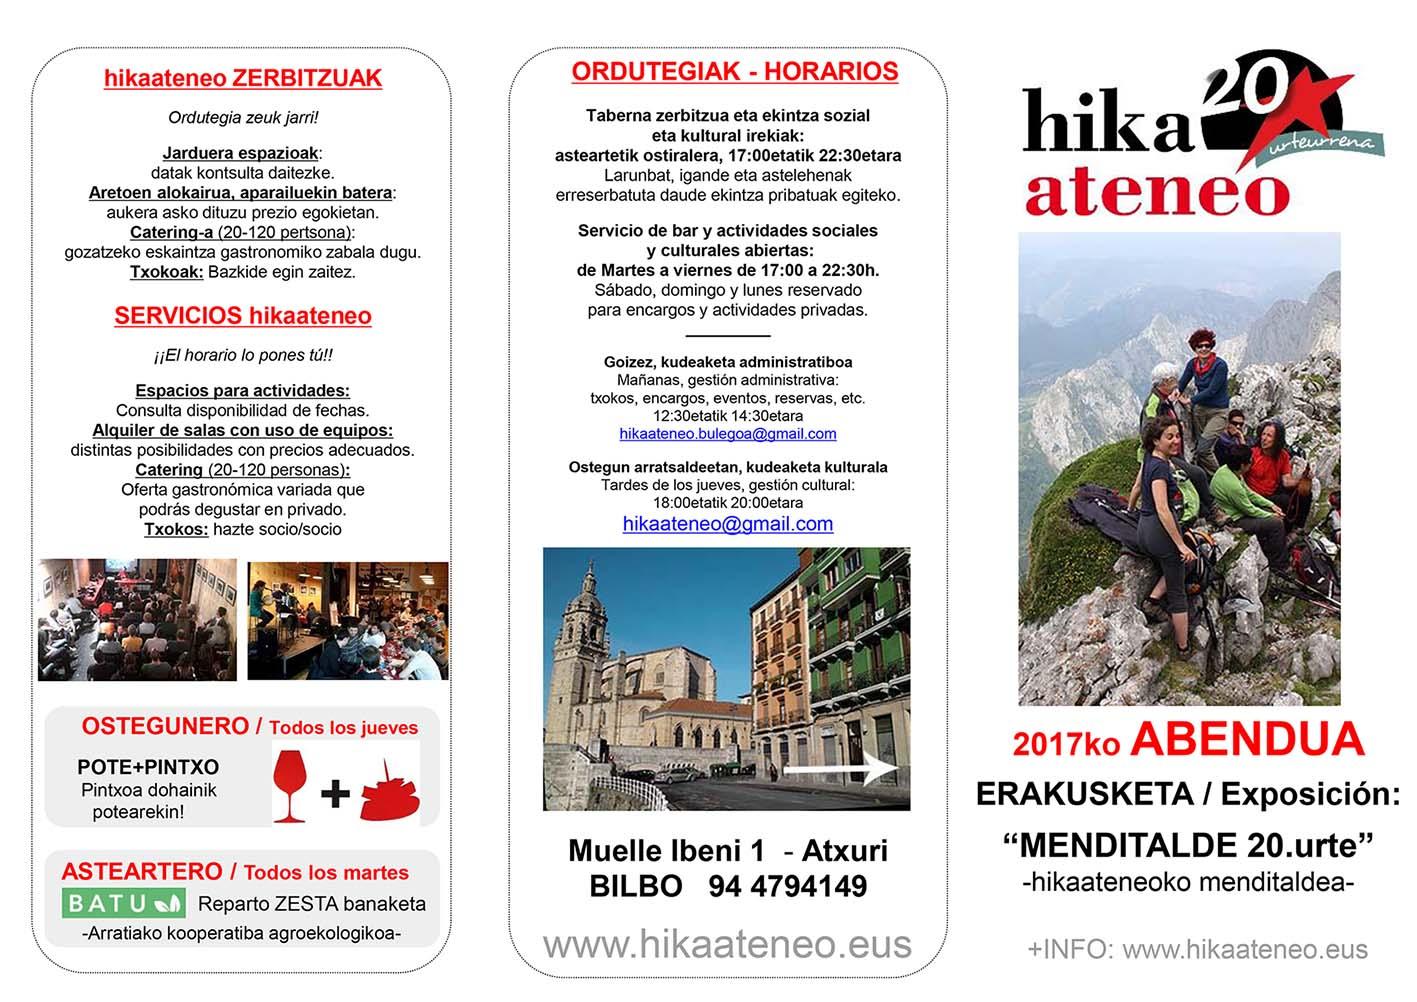 Agenda Hika Ateneo Bilbao Abendua 2017 Diciembre